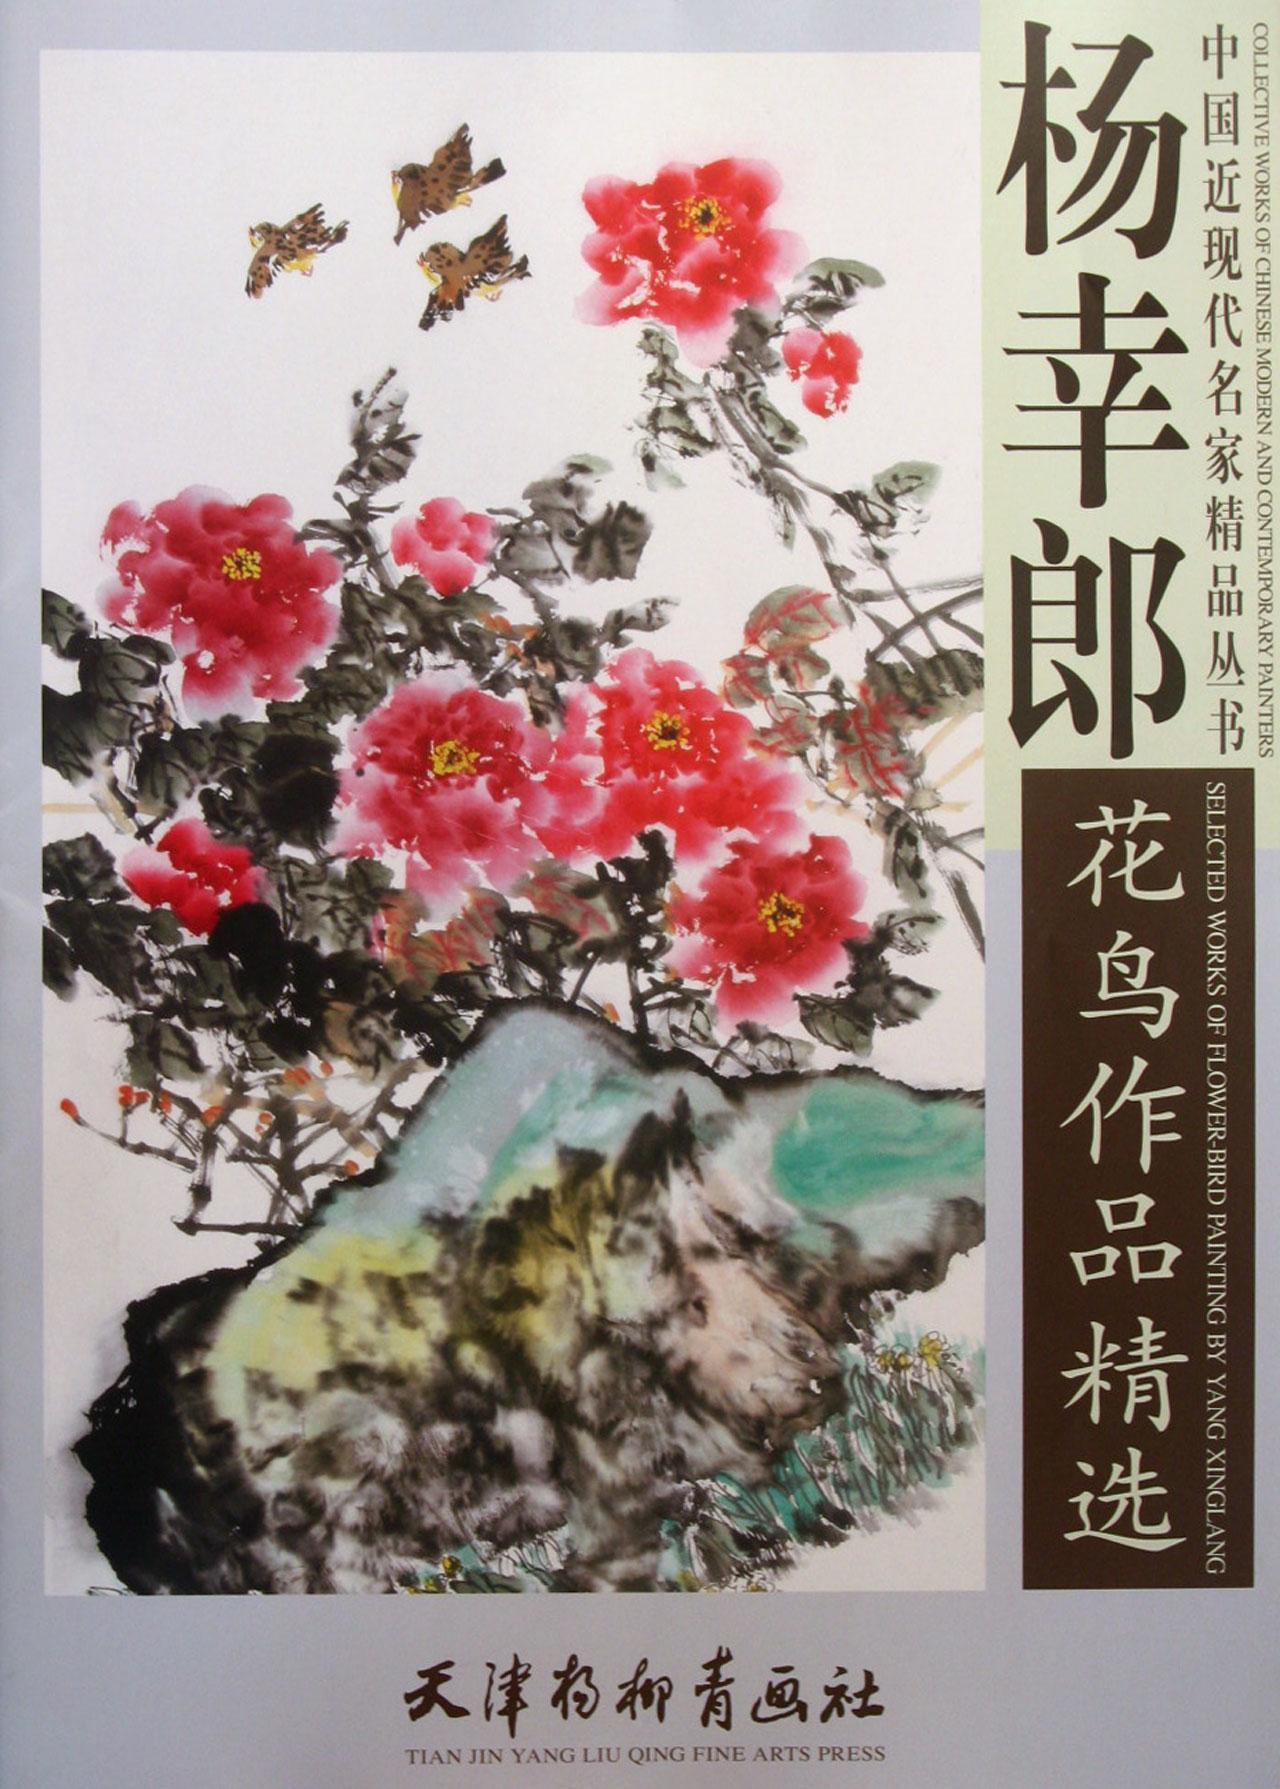 春色 国色拥翠 国色天香 竞飞图 春讯 迎春 五月枇杷树满金 春歌